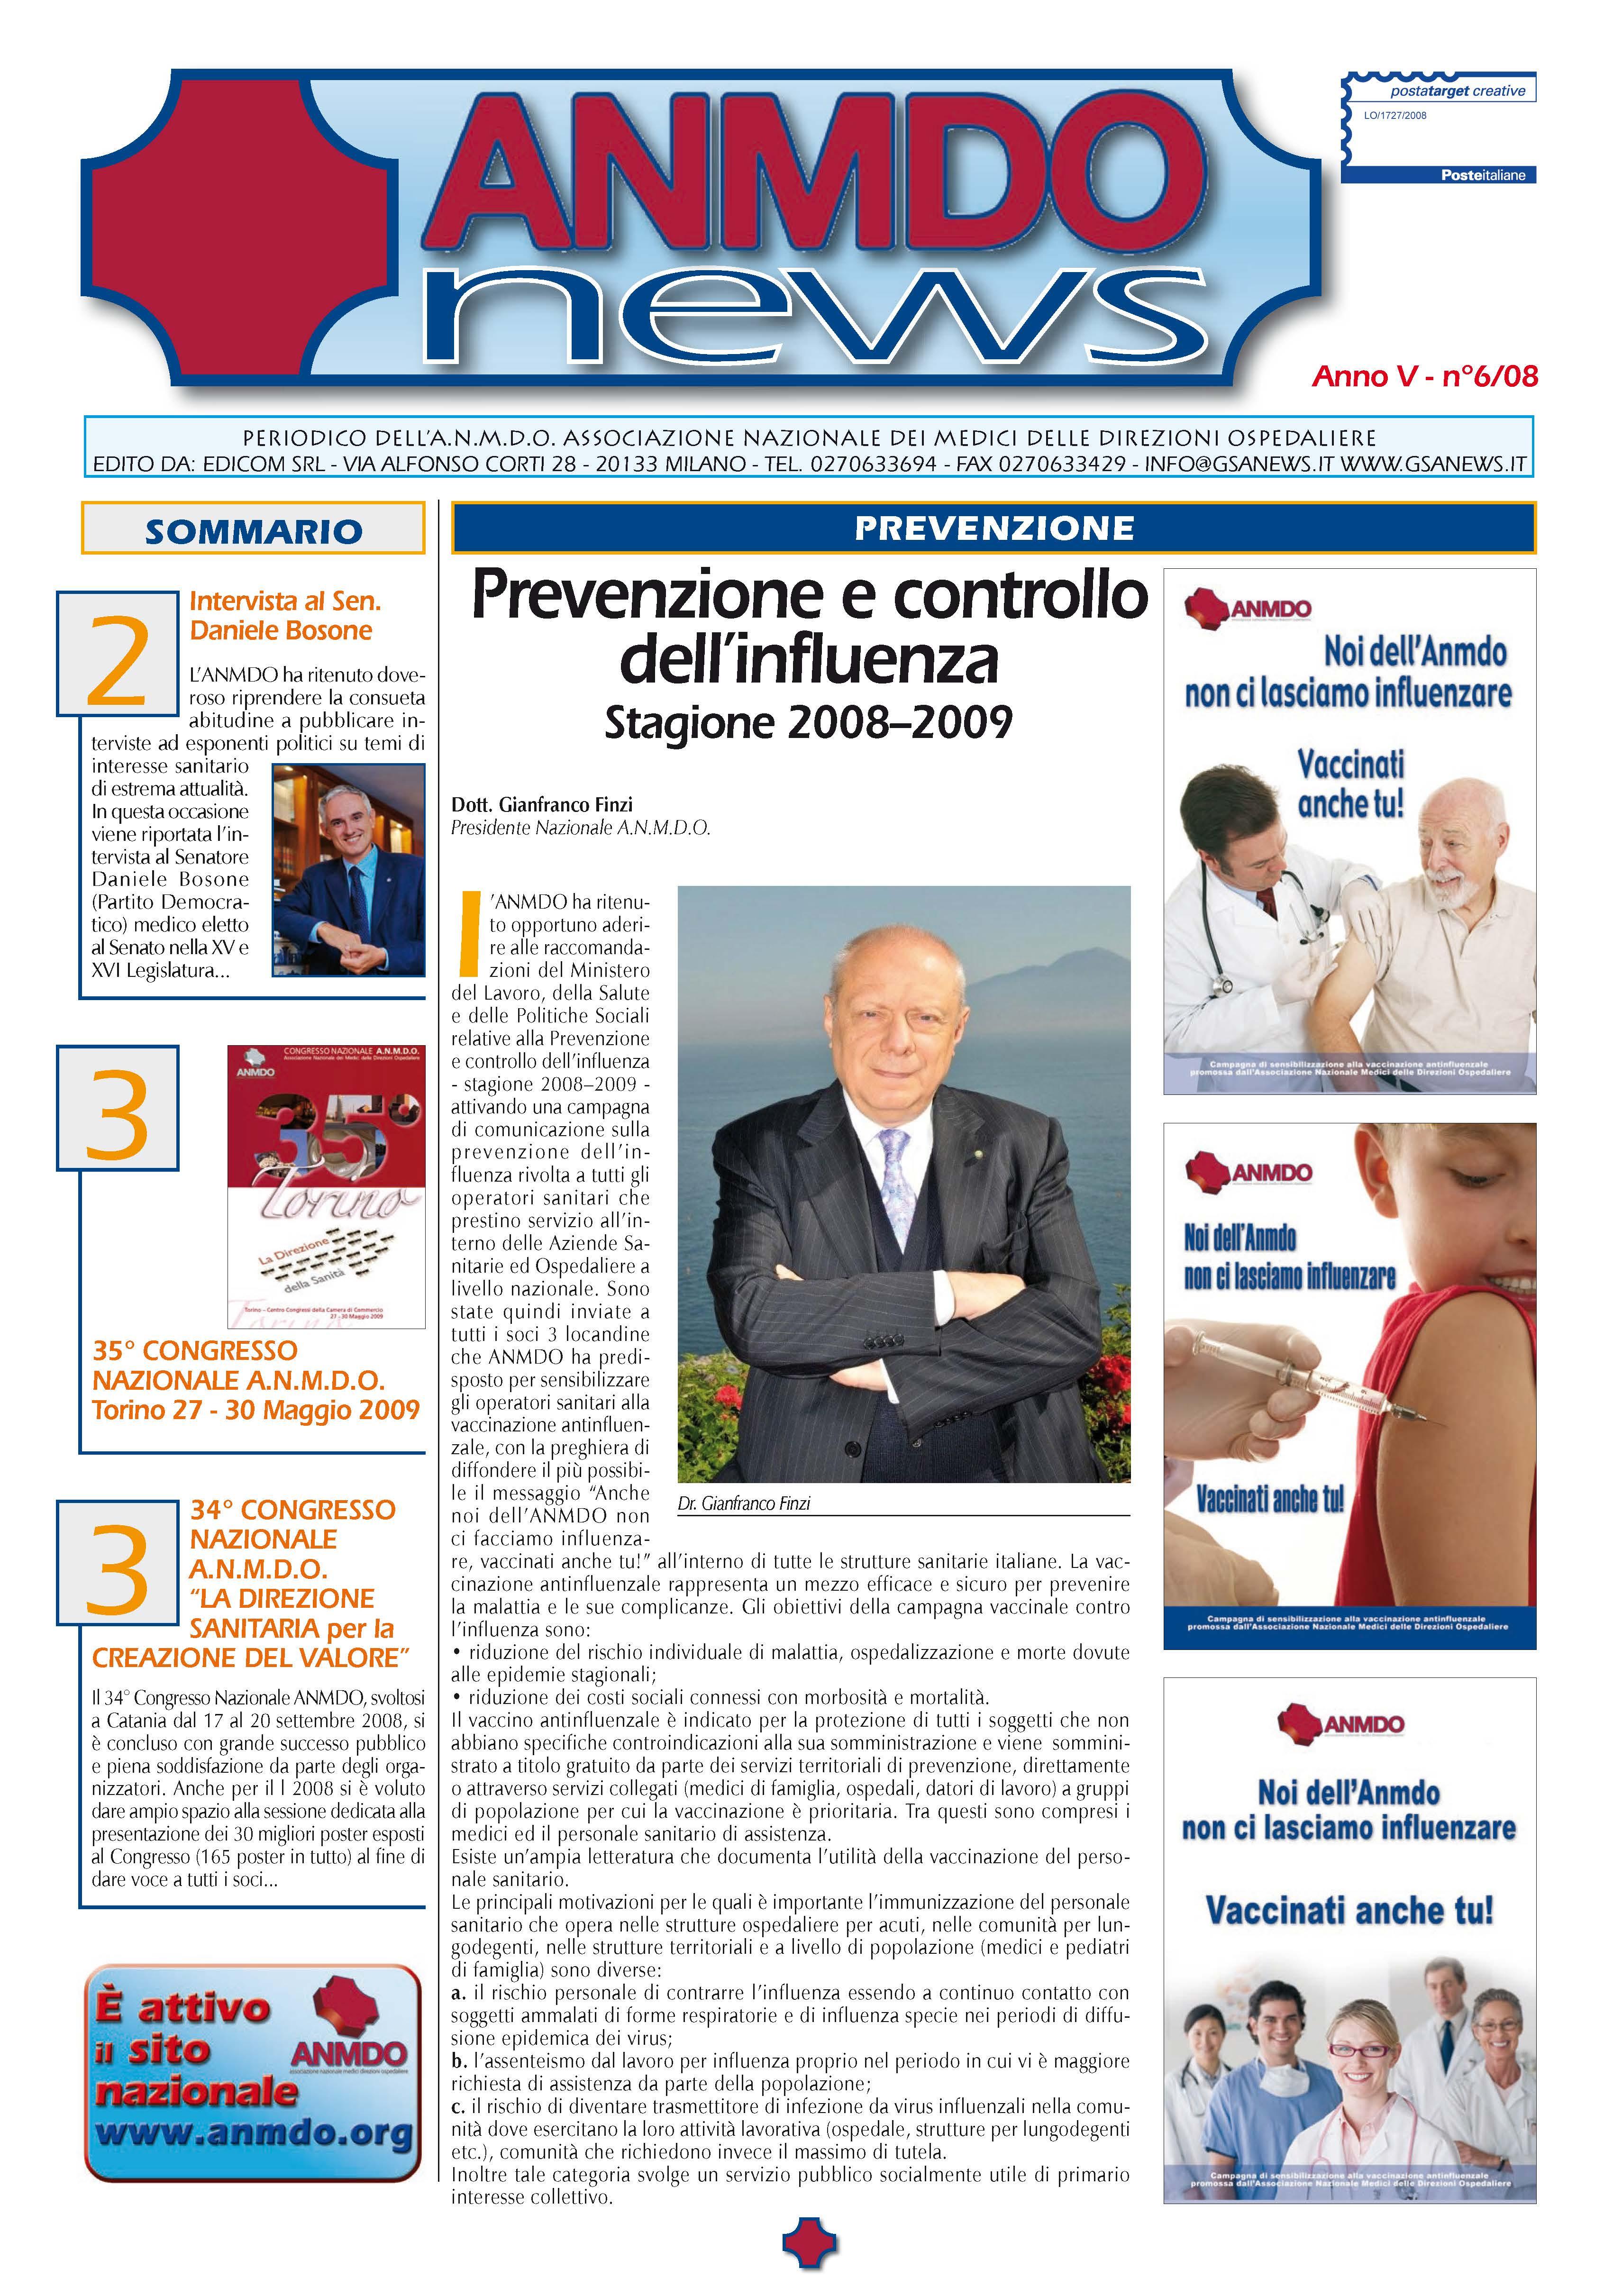 pagine-da-anmdonews_6_08